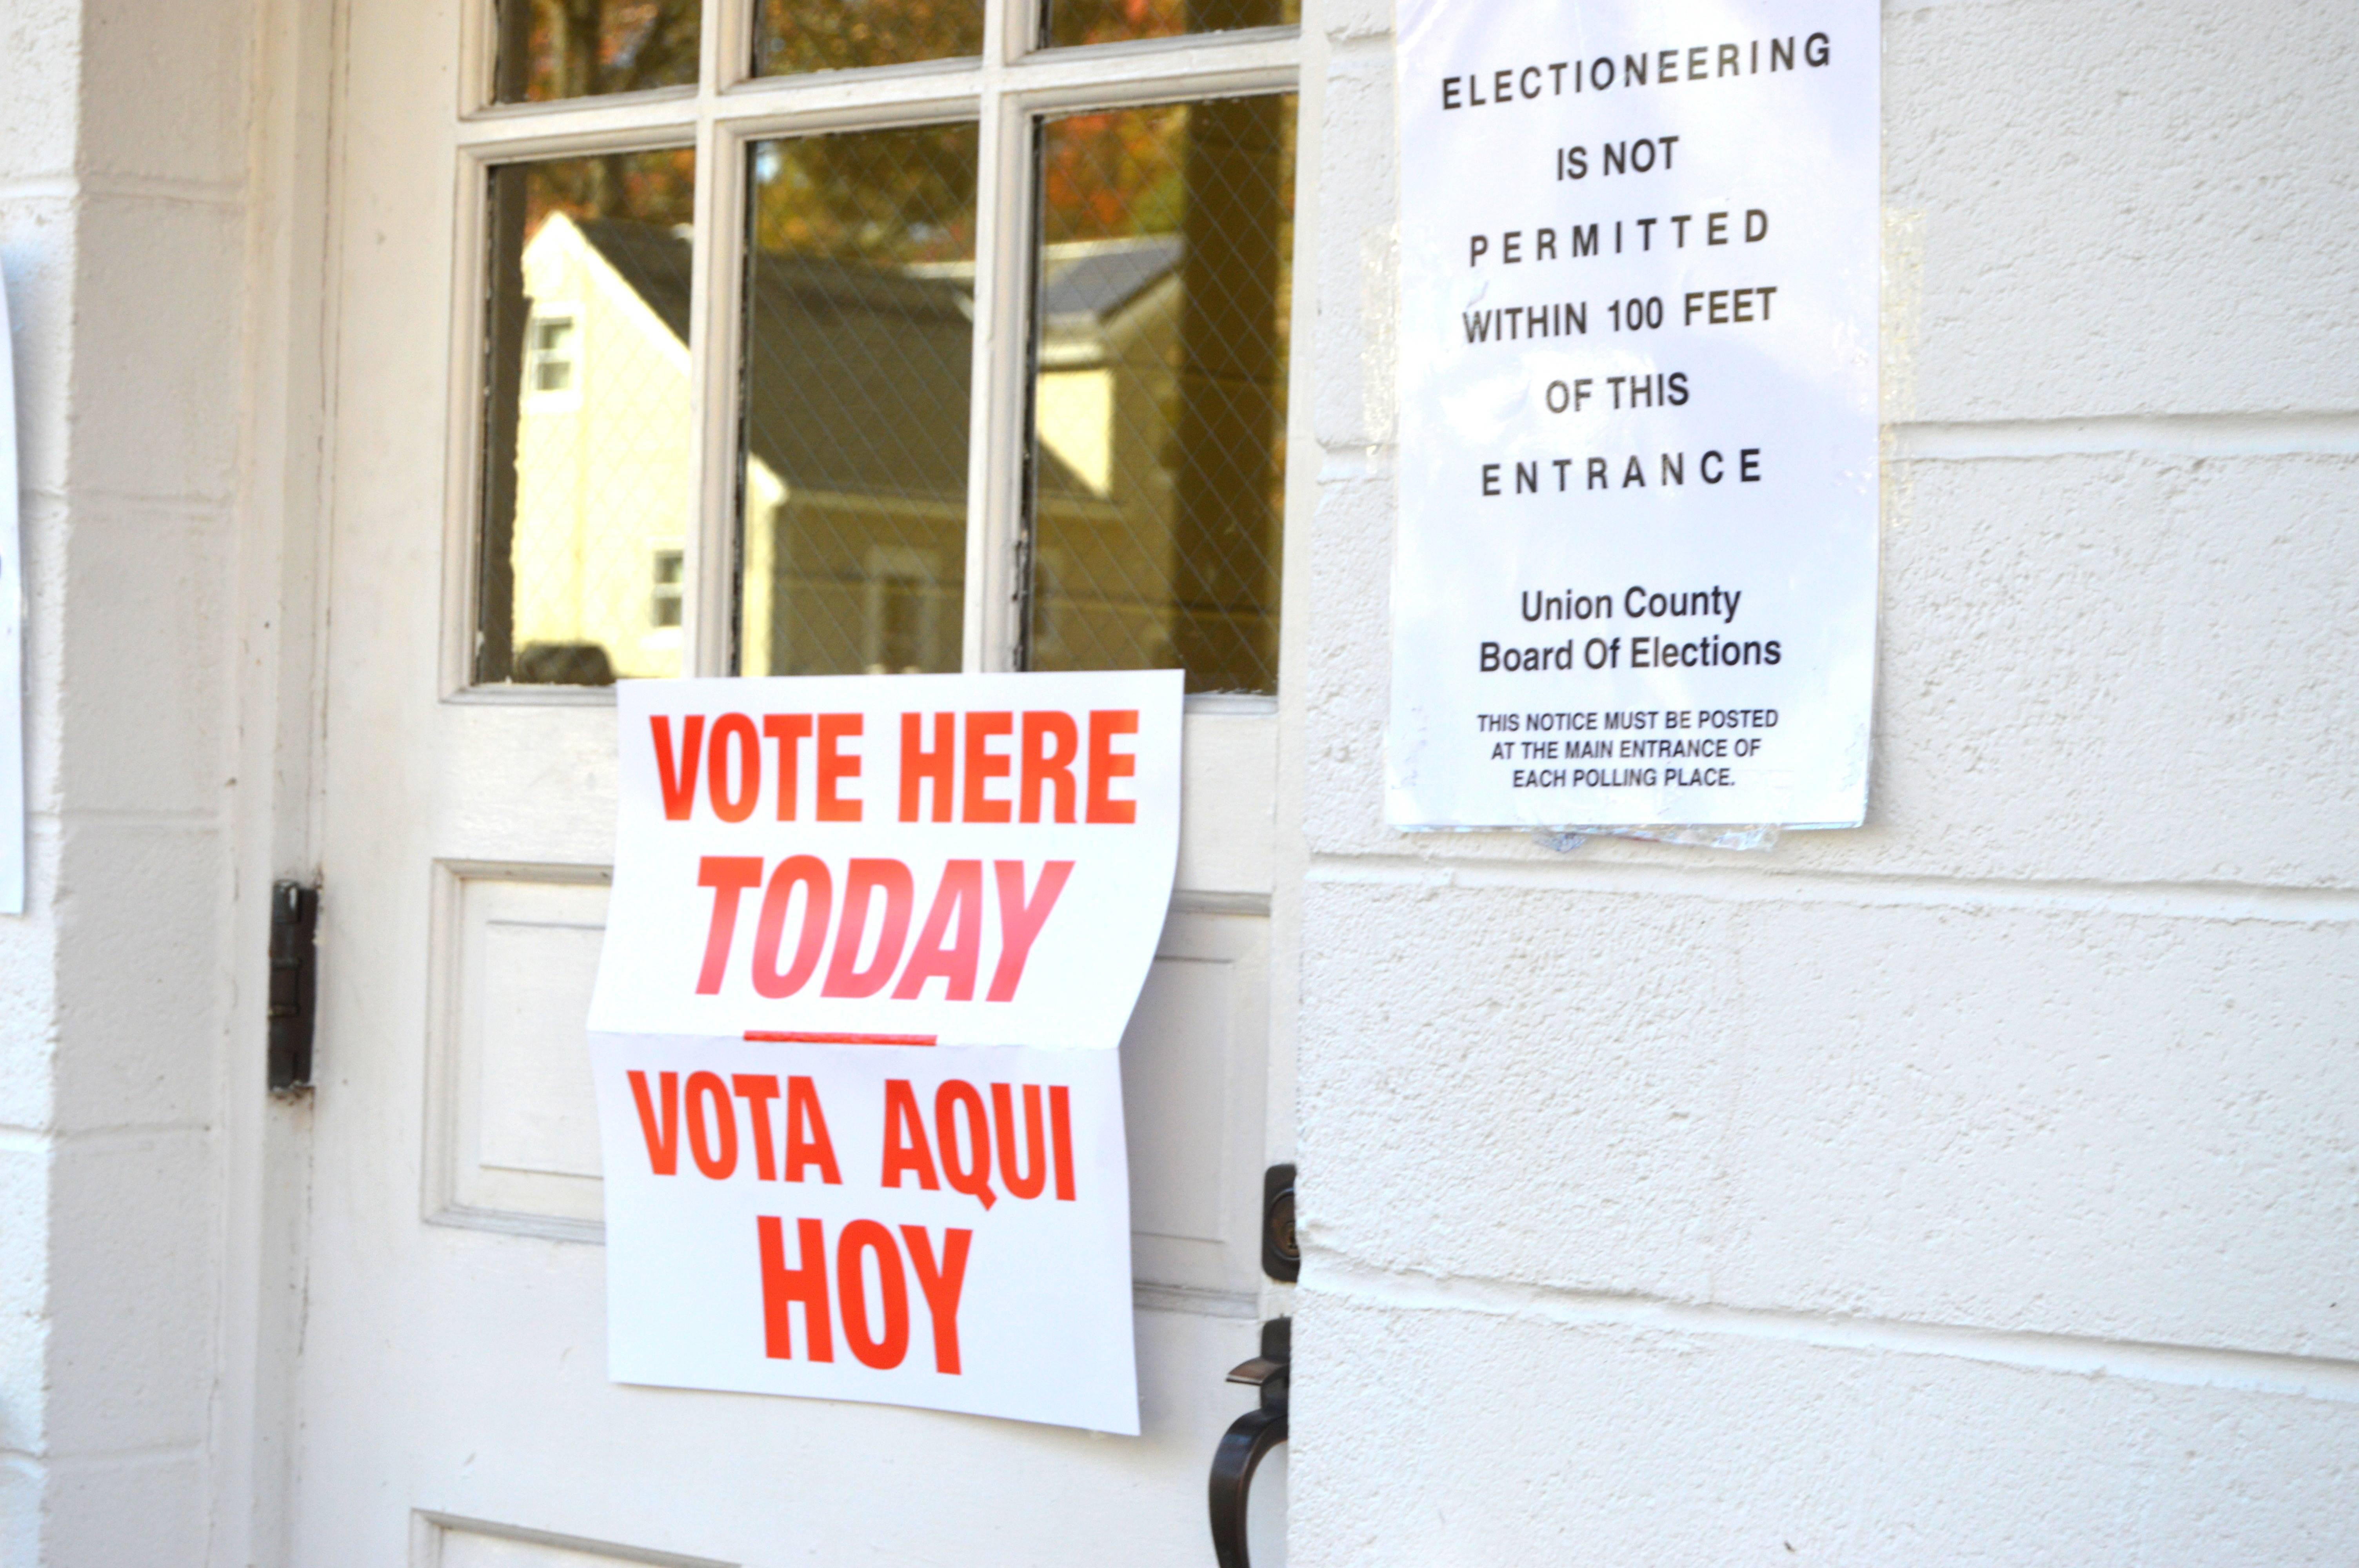 12546d96886b487f3667_Sign_Vote_Here.JPG